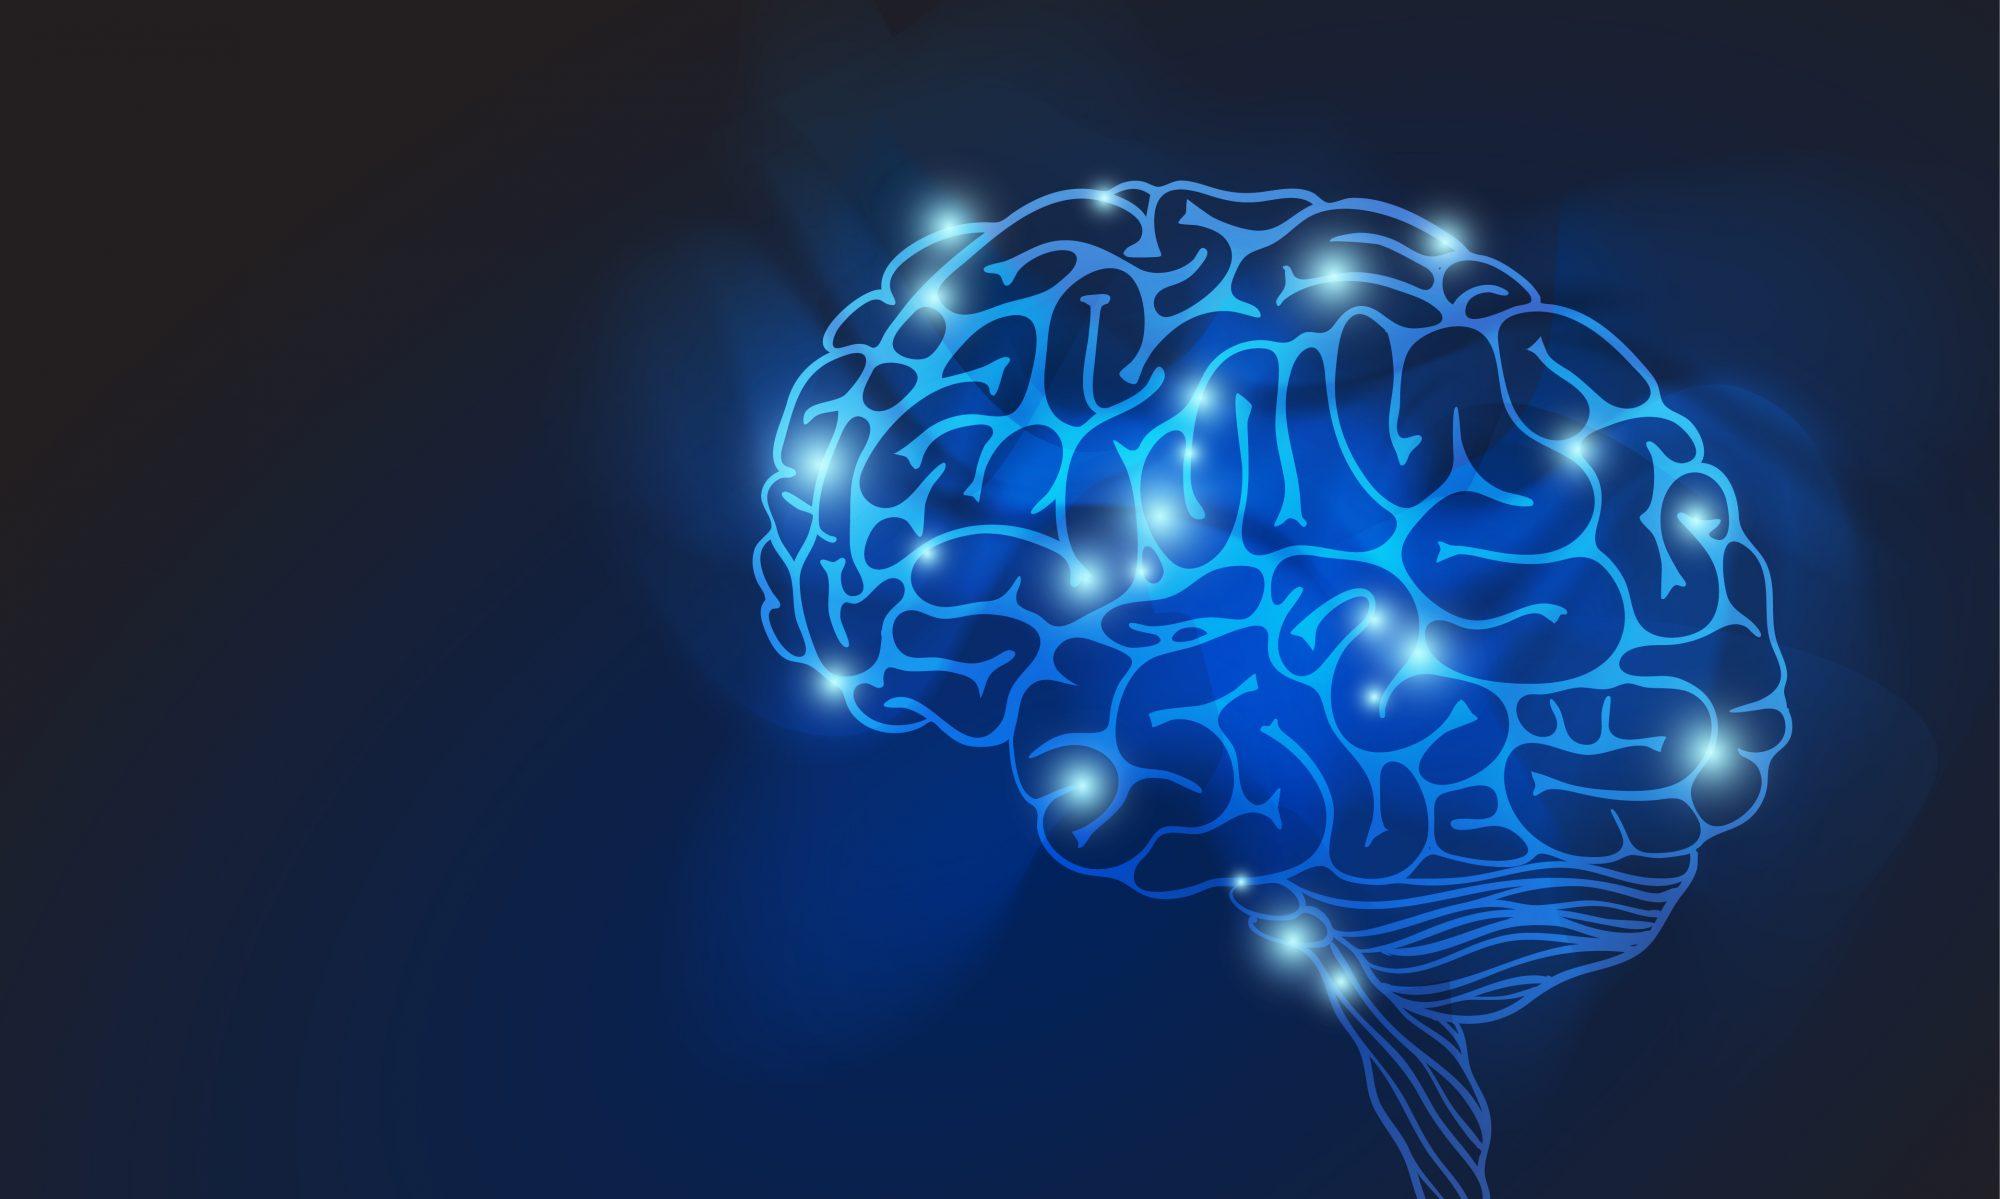 Miniature Brain Machinery